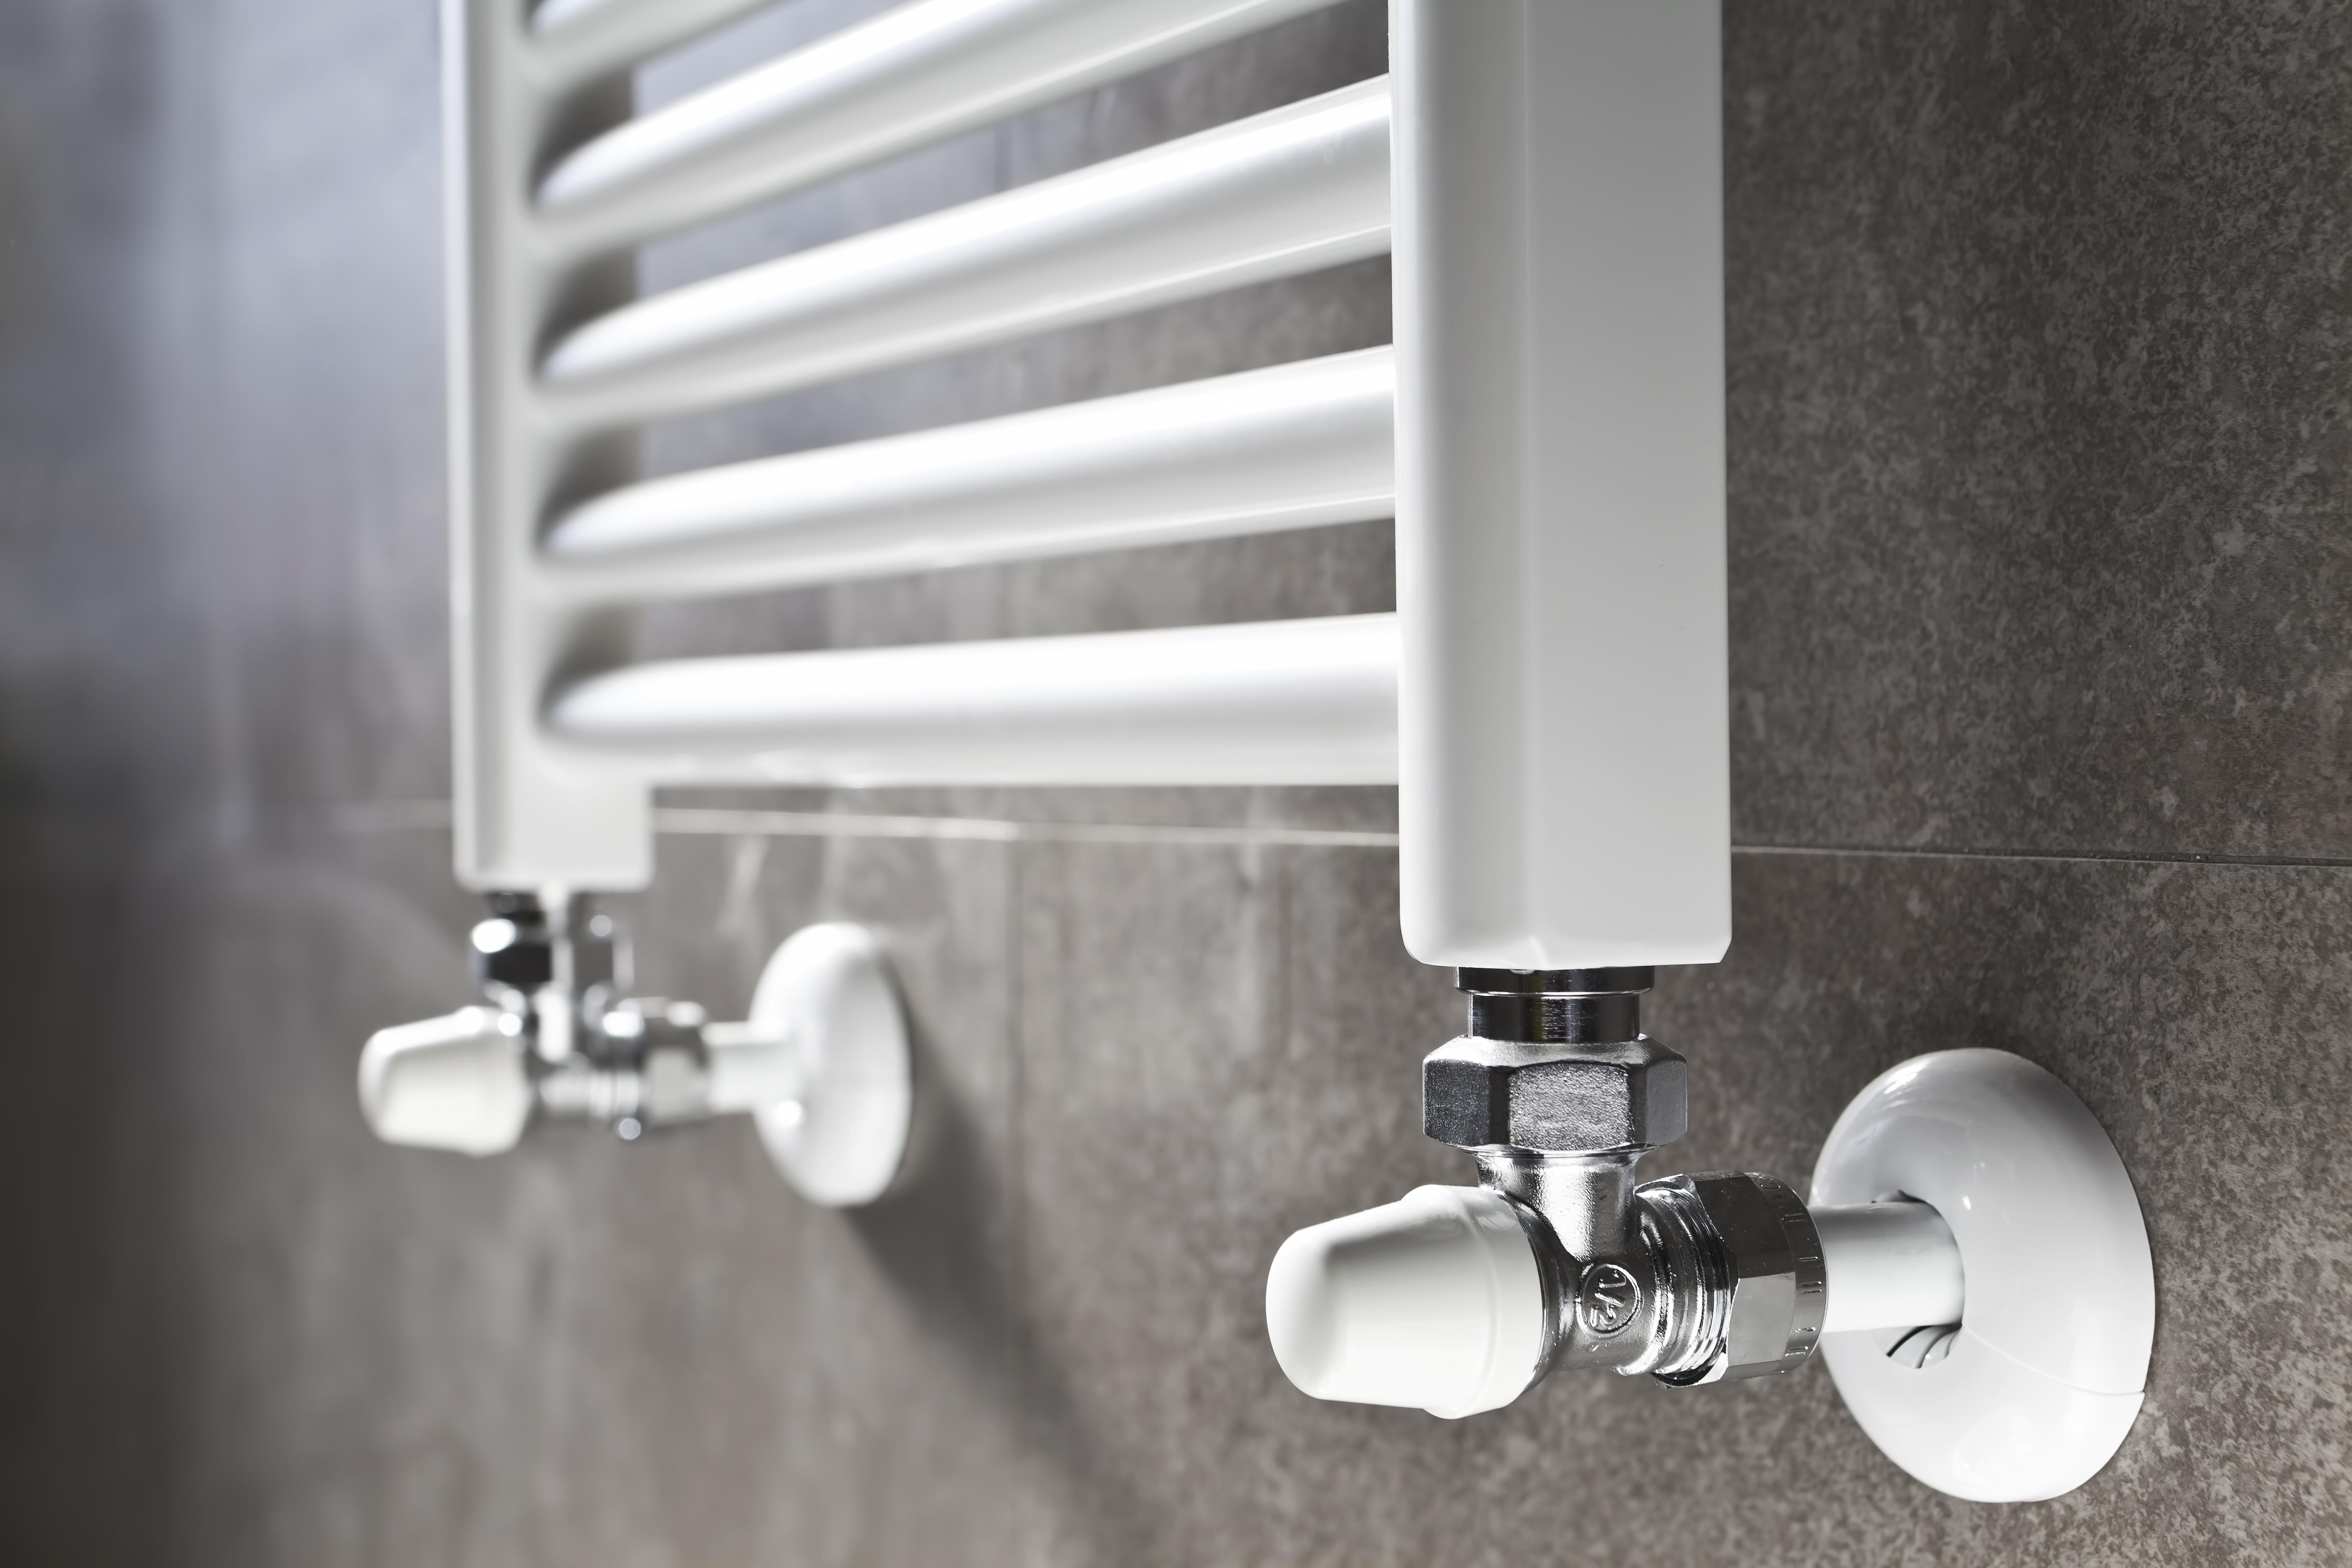 Montáž ústredného kúrenia – radiátorové, podlahové. Montáž kotlov, elektrických bojlerov, kompletizácia kotolní.